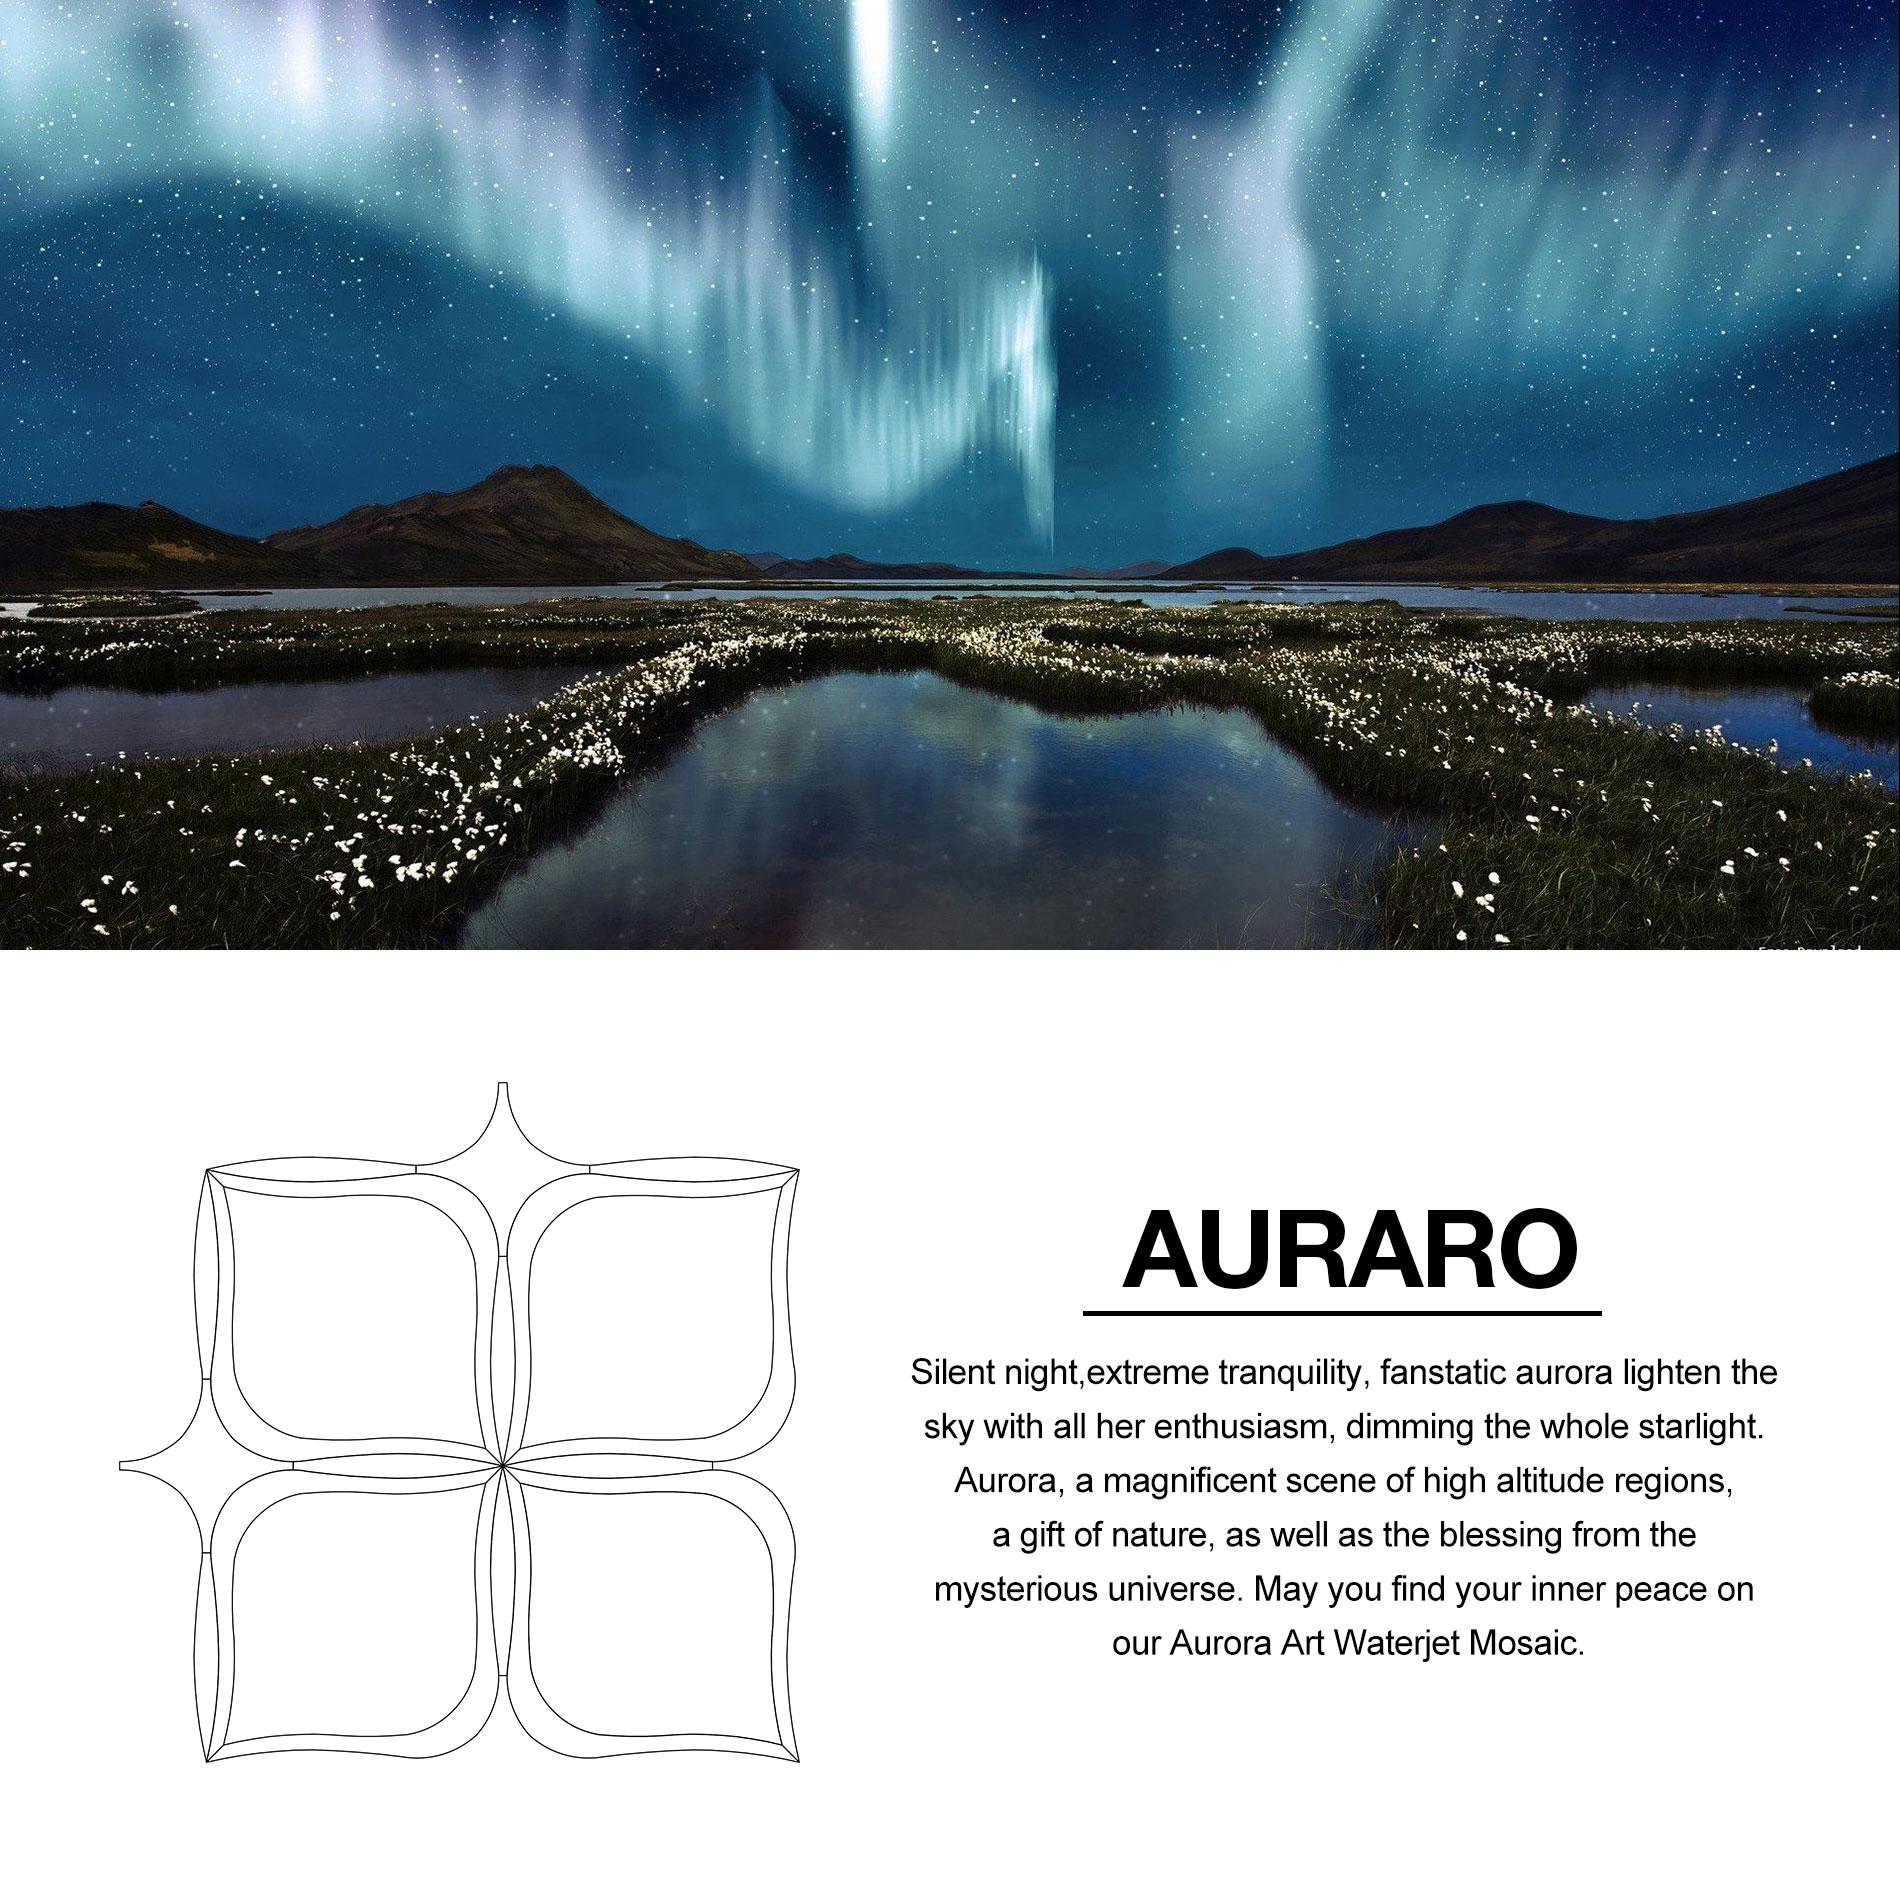 centurymosaic-aurora-water-jet-mosaic-tile-1